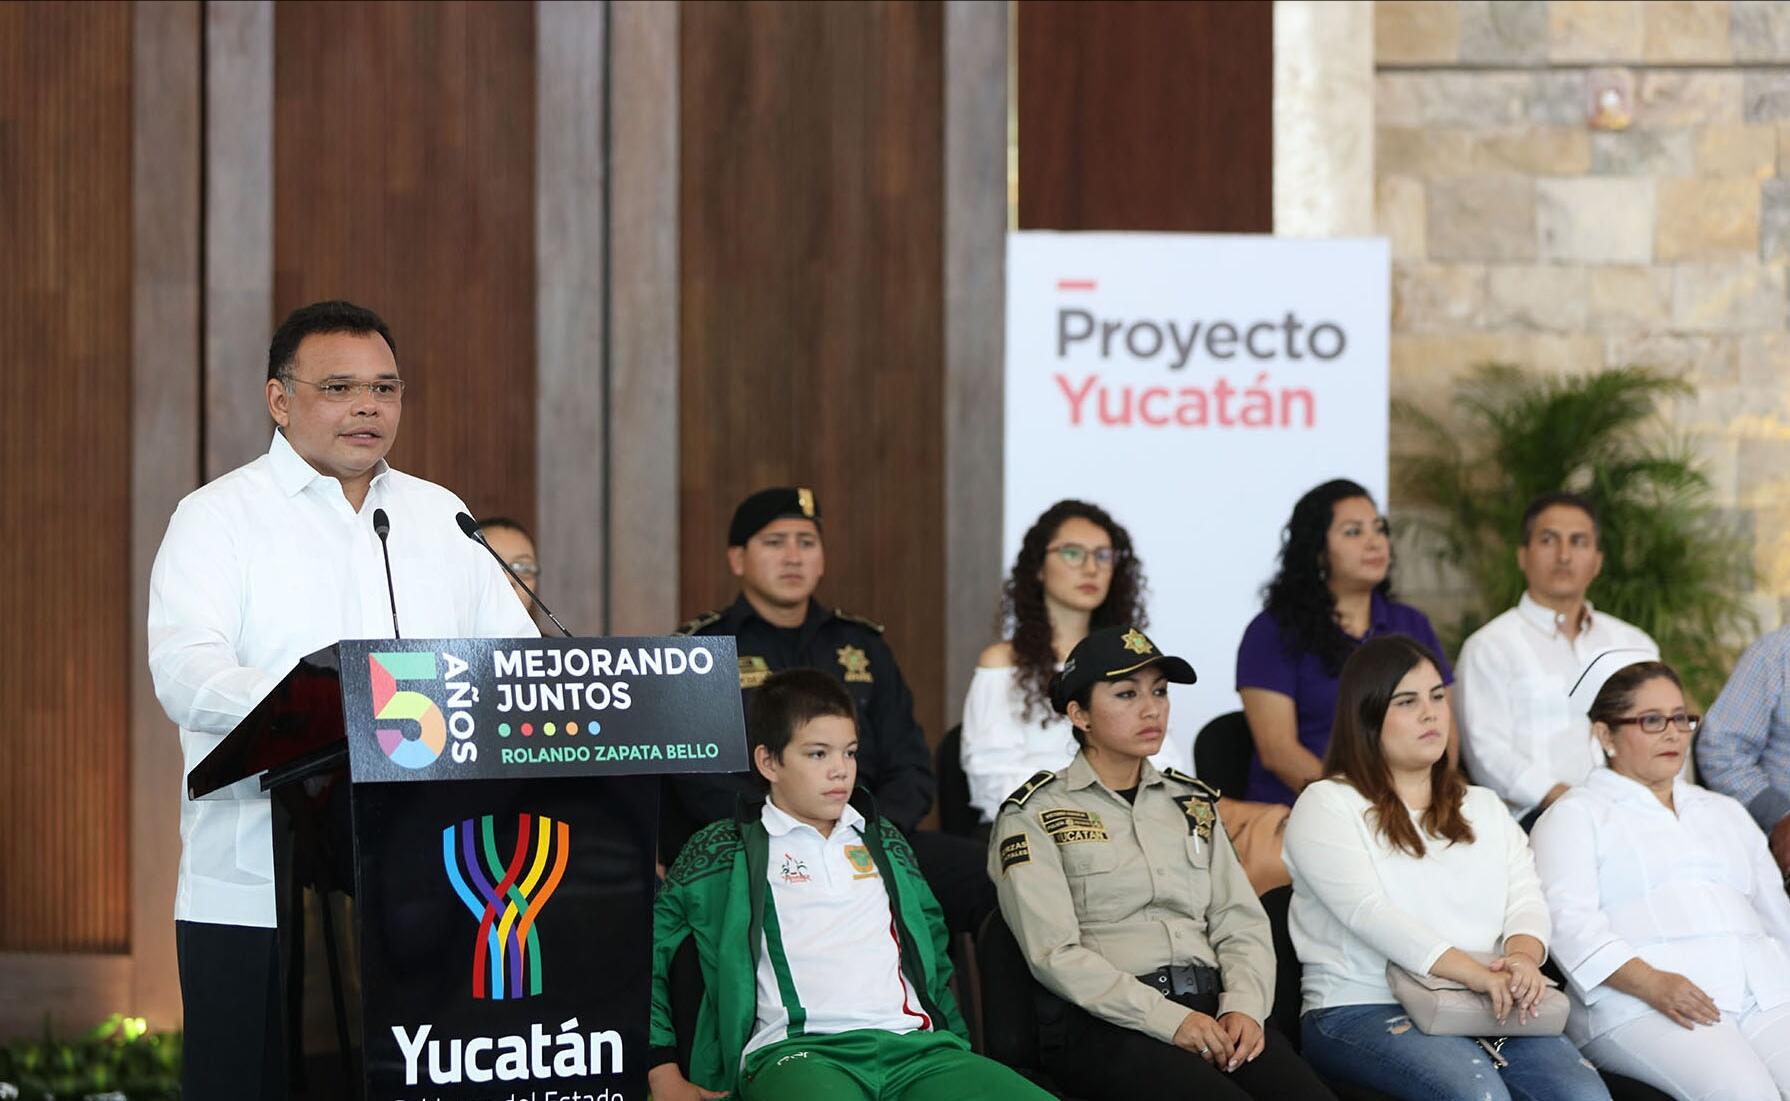 Un mejor futuro si mantenemos el Proyecto Yucatán: RZB